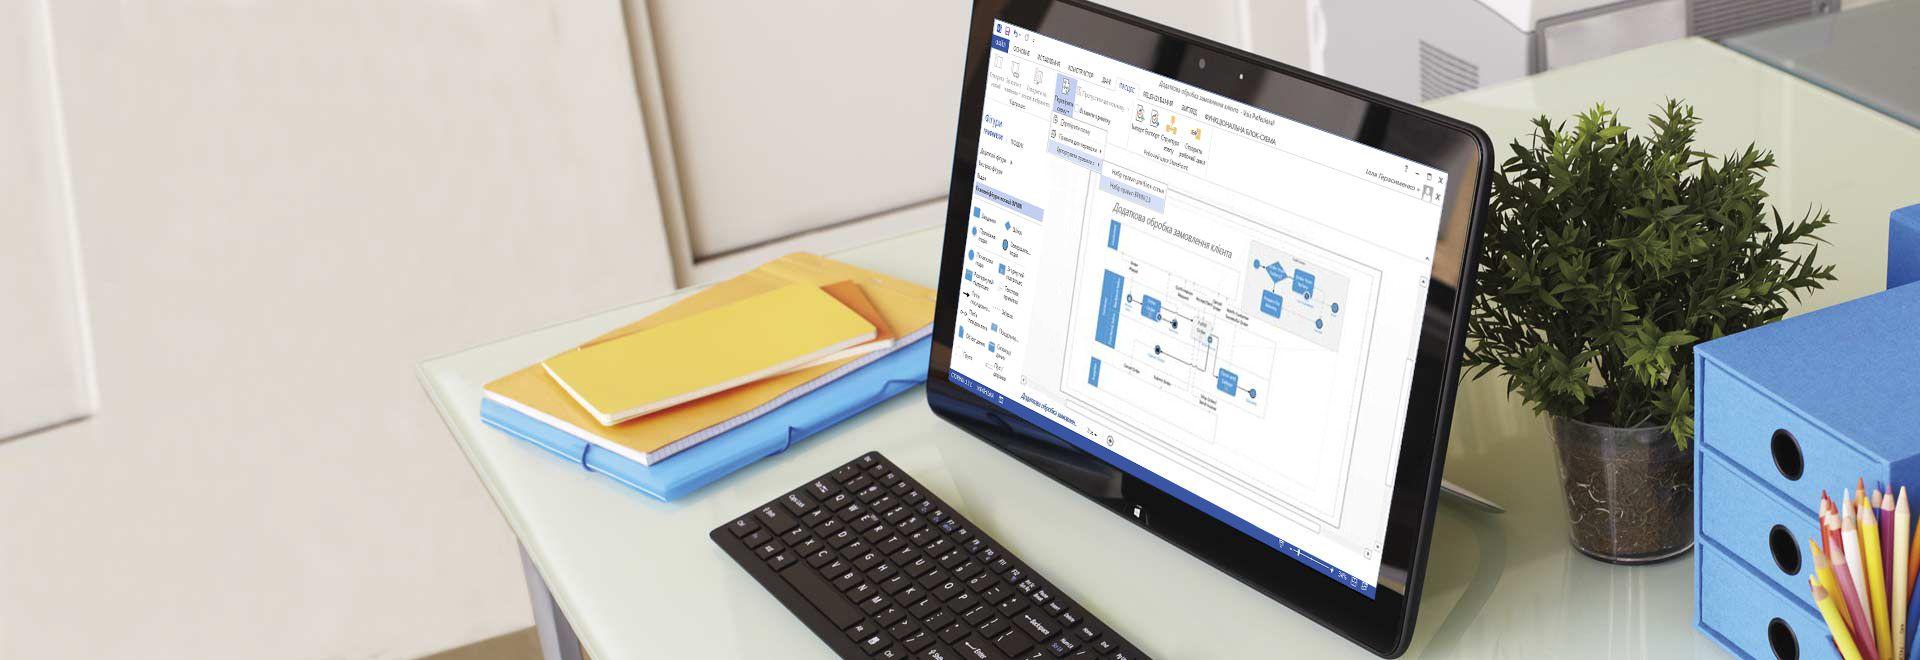 Стіл із планшетним комп'ютером, на якому показано діаграму процесу у Visio Professional 2016